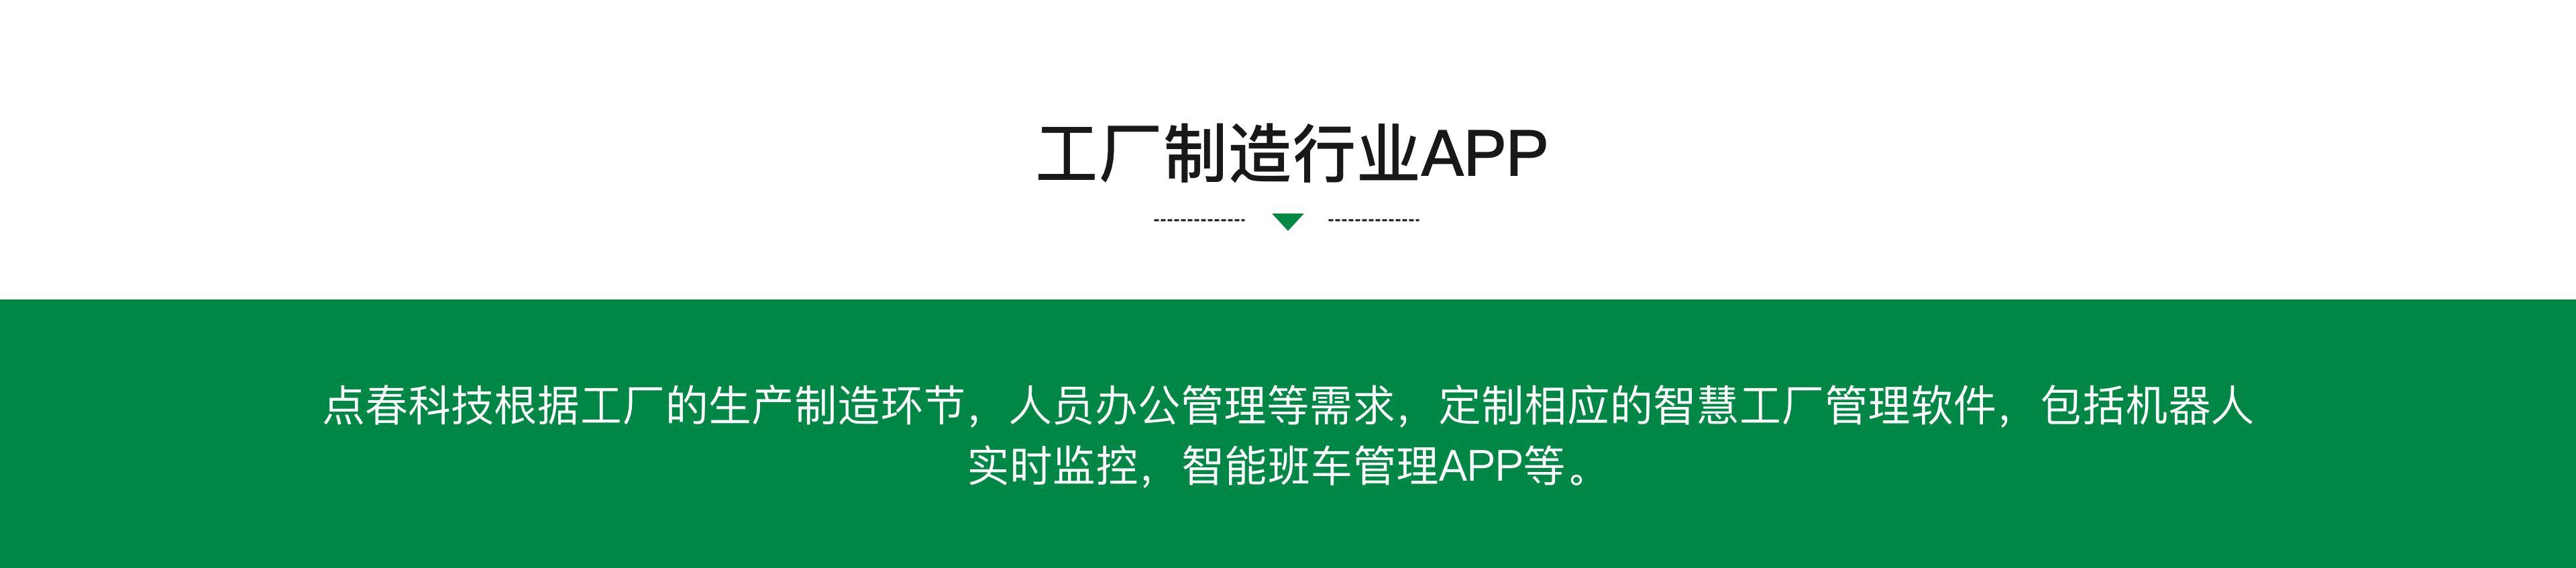 工厂制造行业APP.jpg